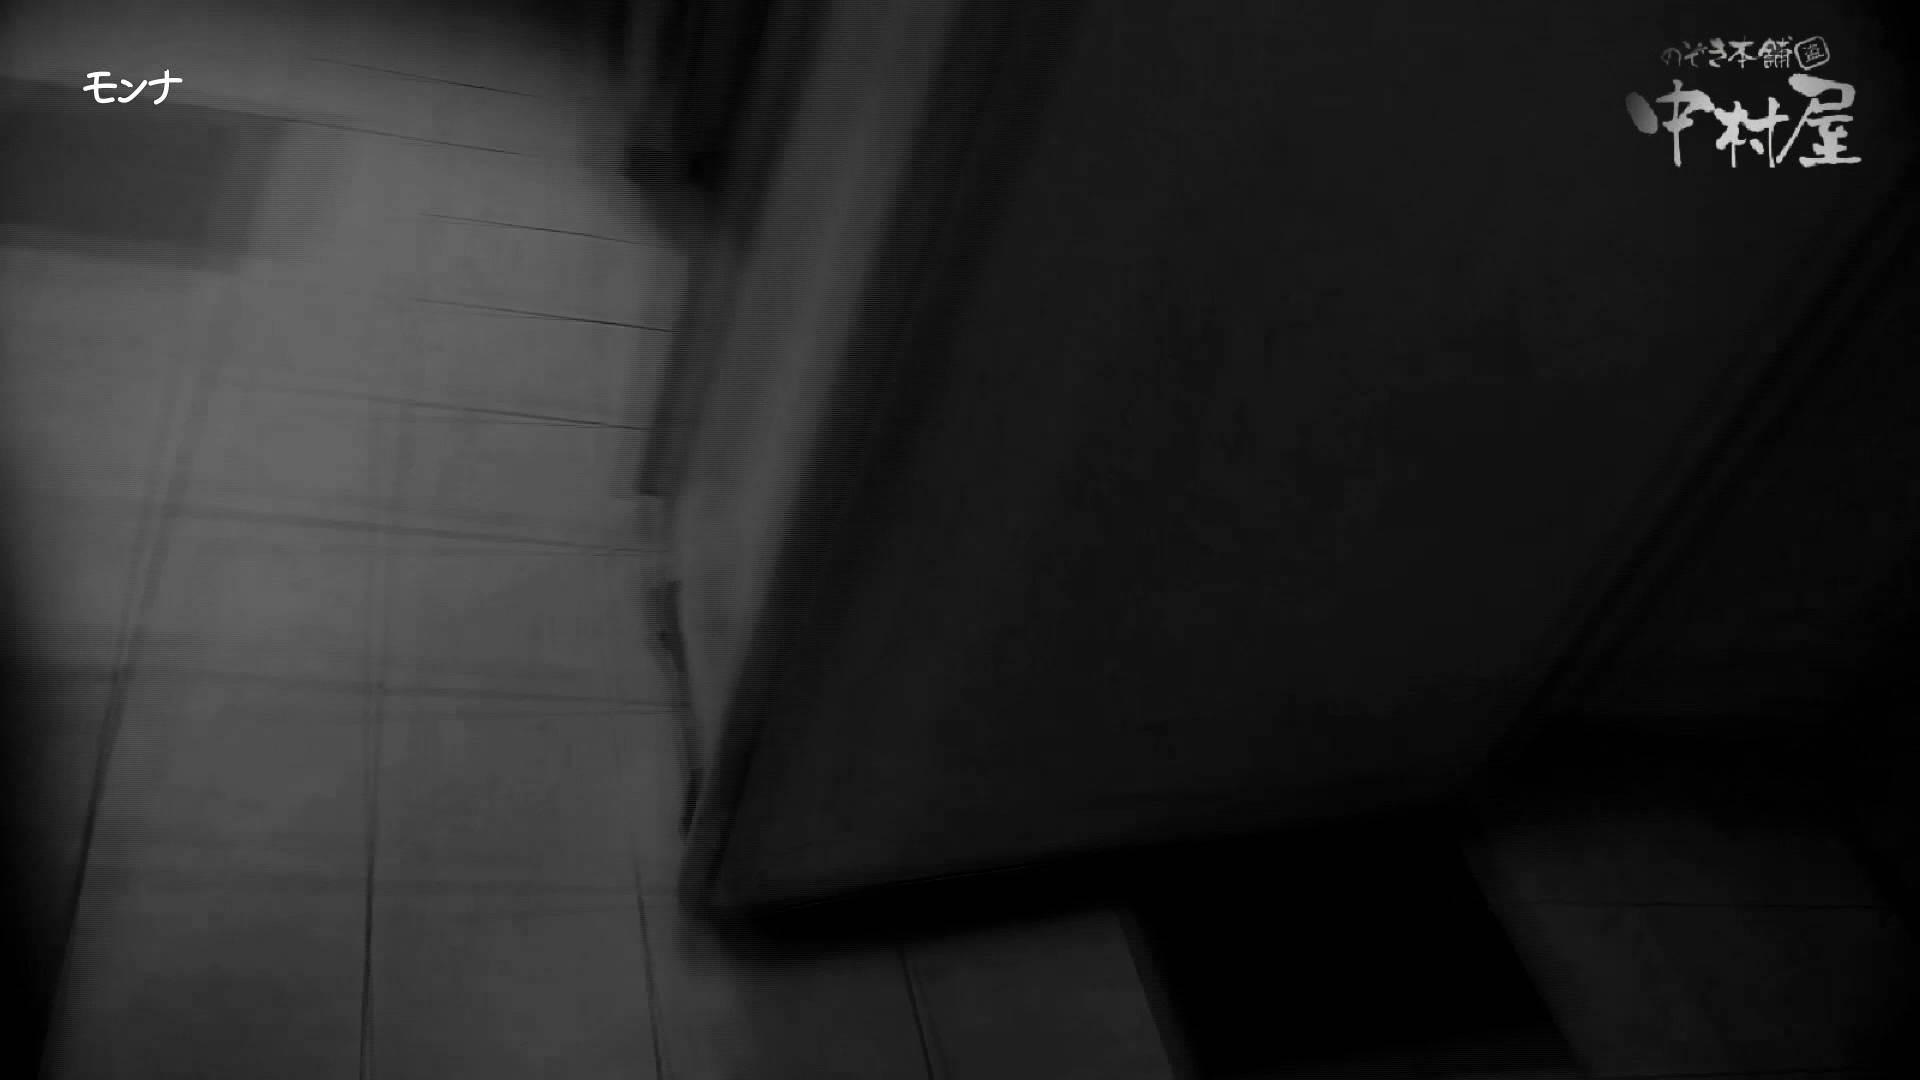 【美しい日本の未来】美しい日本の未来 No.45 無修正マンコ 隠し撮りオマンコ動画紹介 74連発 42